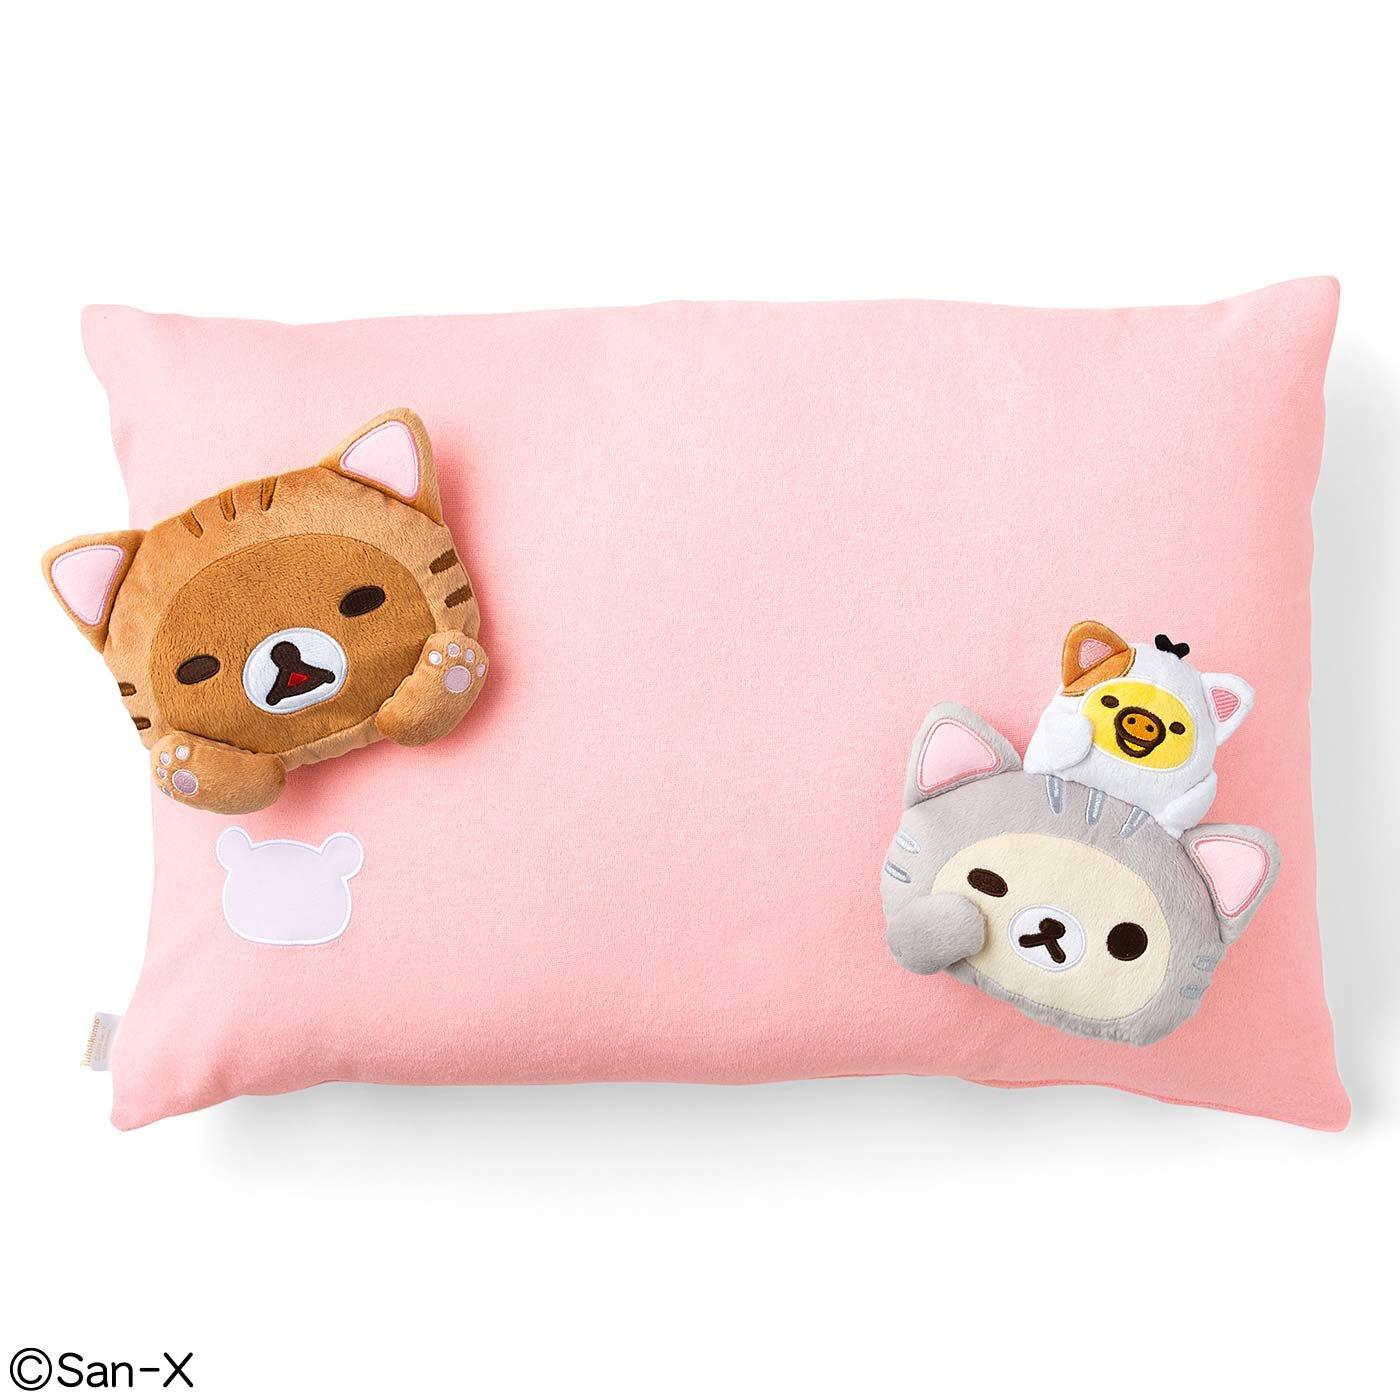 猫部 meets リラックマ 枕カバー付き至福の添い寝ぬいぐるみセット